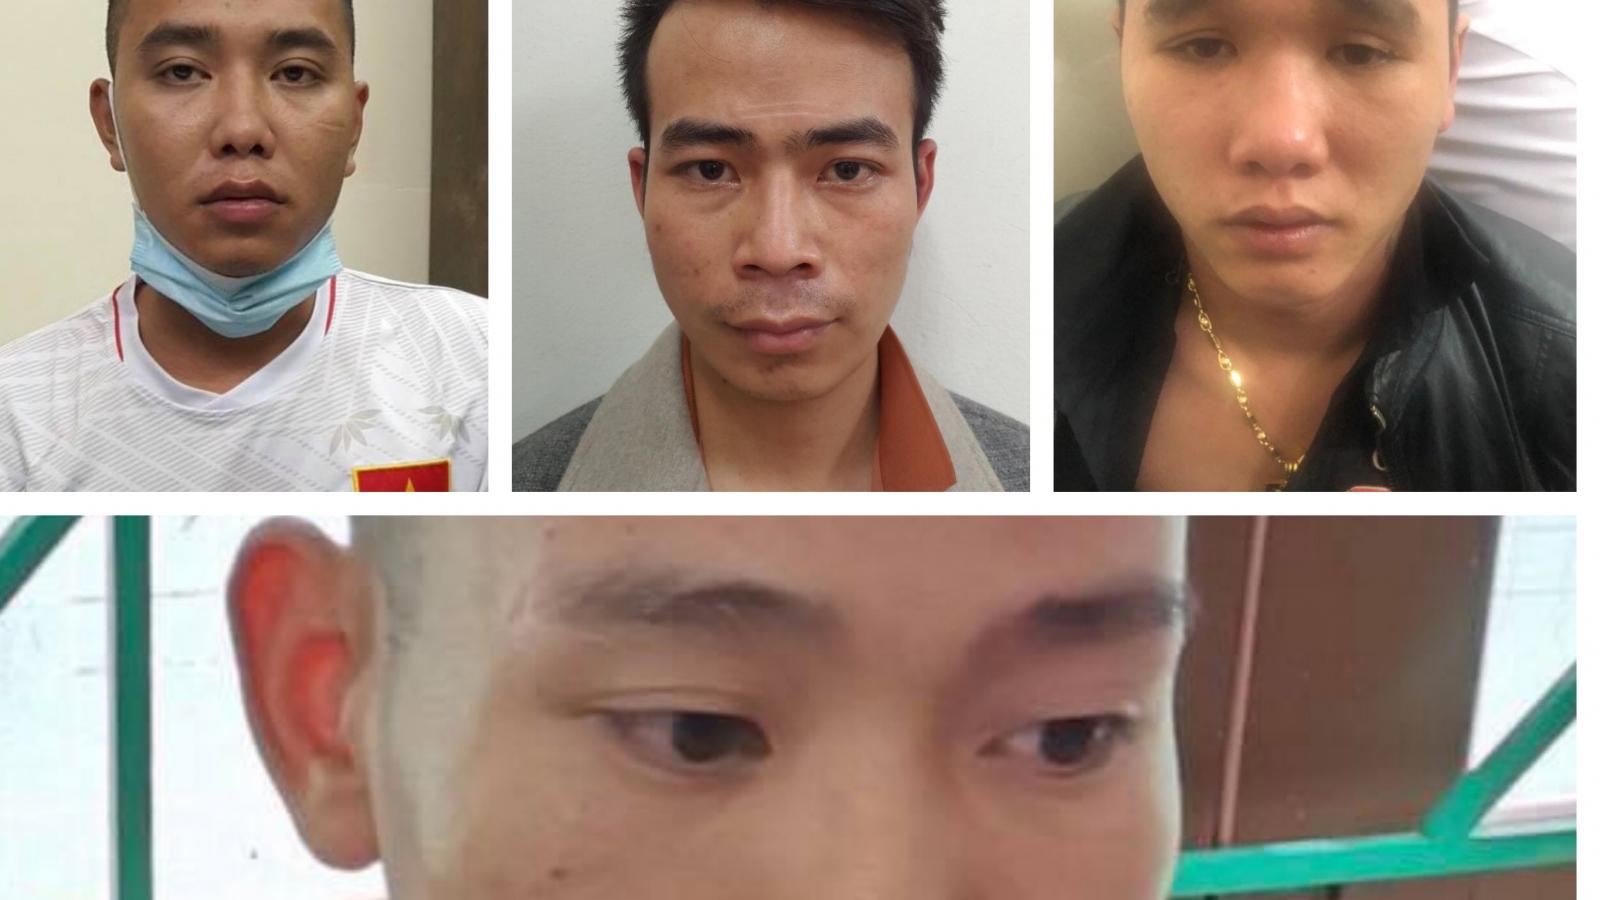 Dựng màn kịch bắt cóc bạn gái, 4 thanh niên vướng vòng lao lý